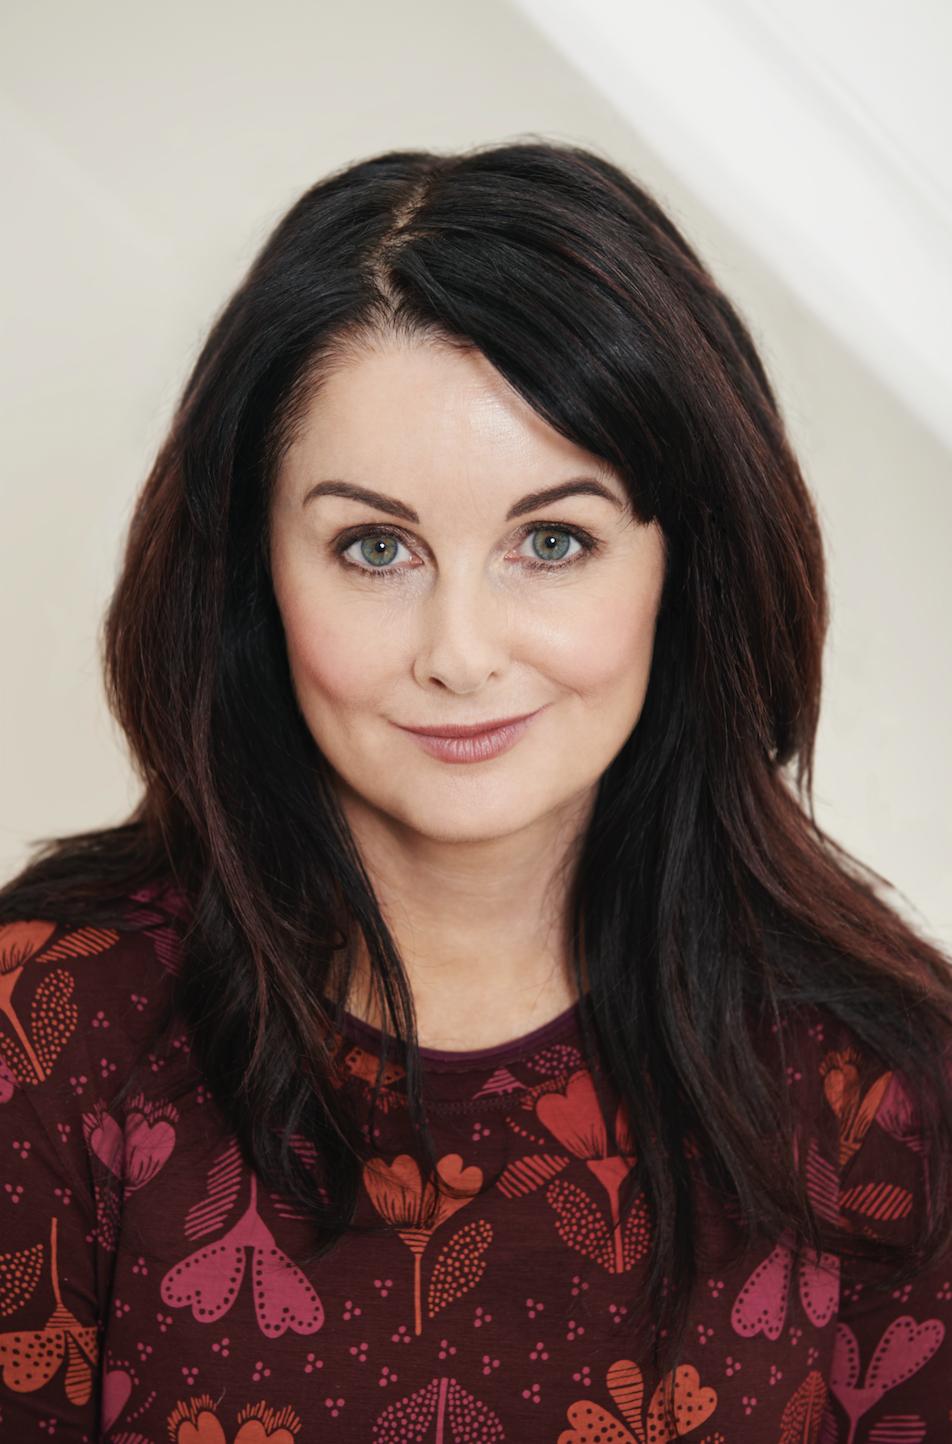 Marian Keyes: My Beauty Habits